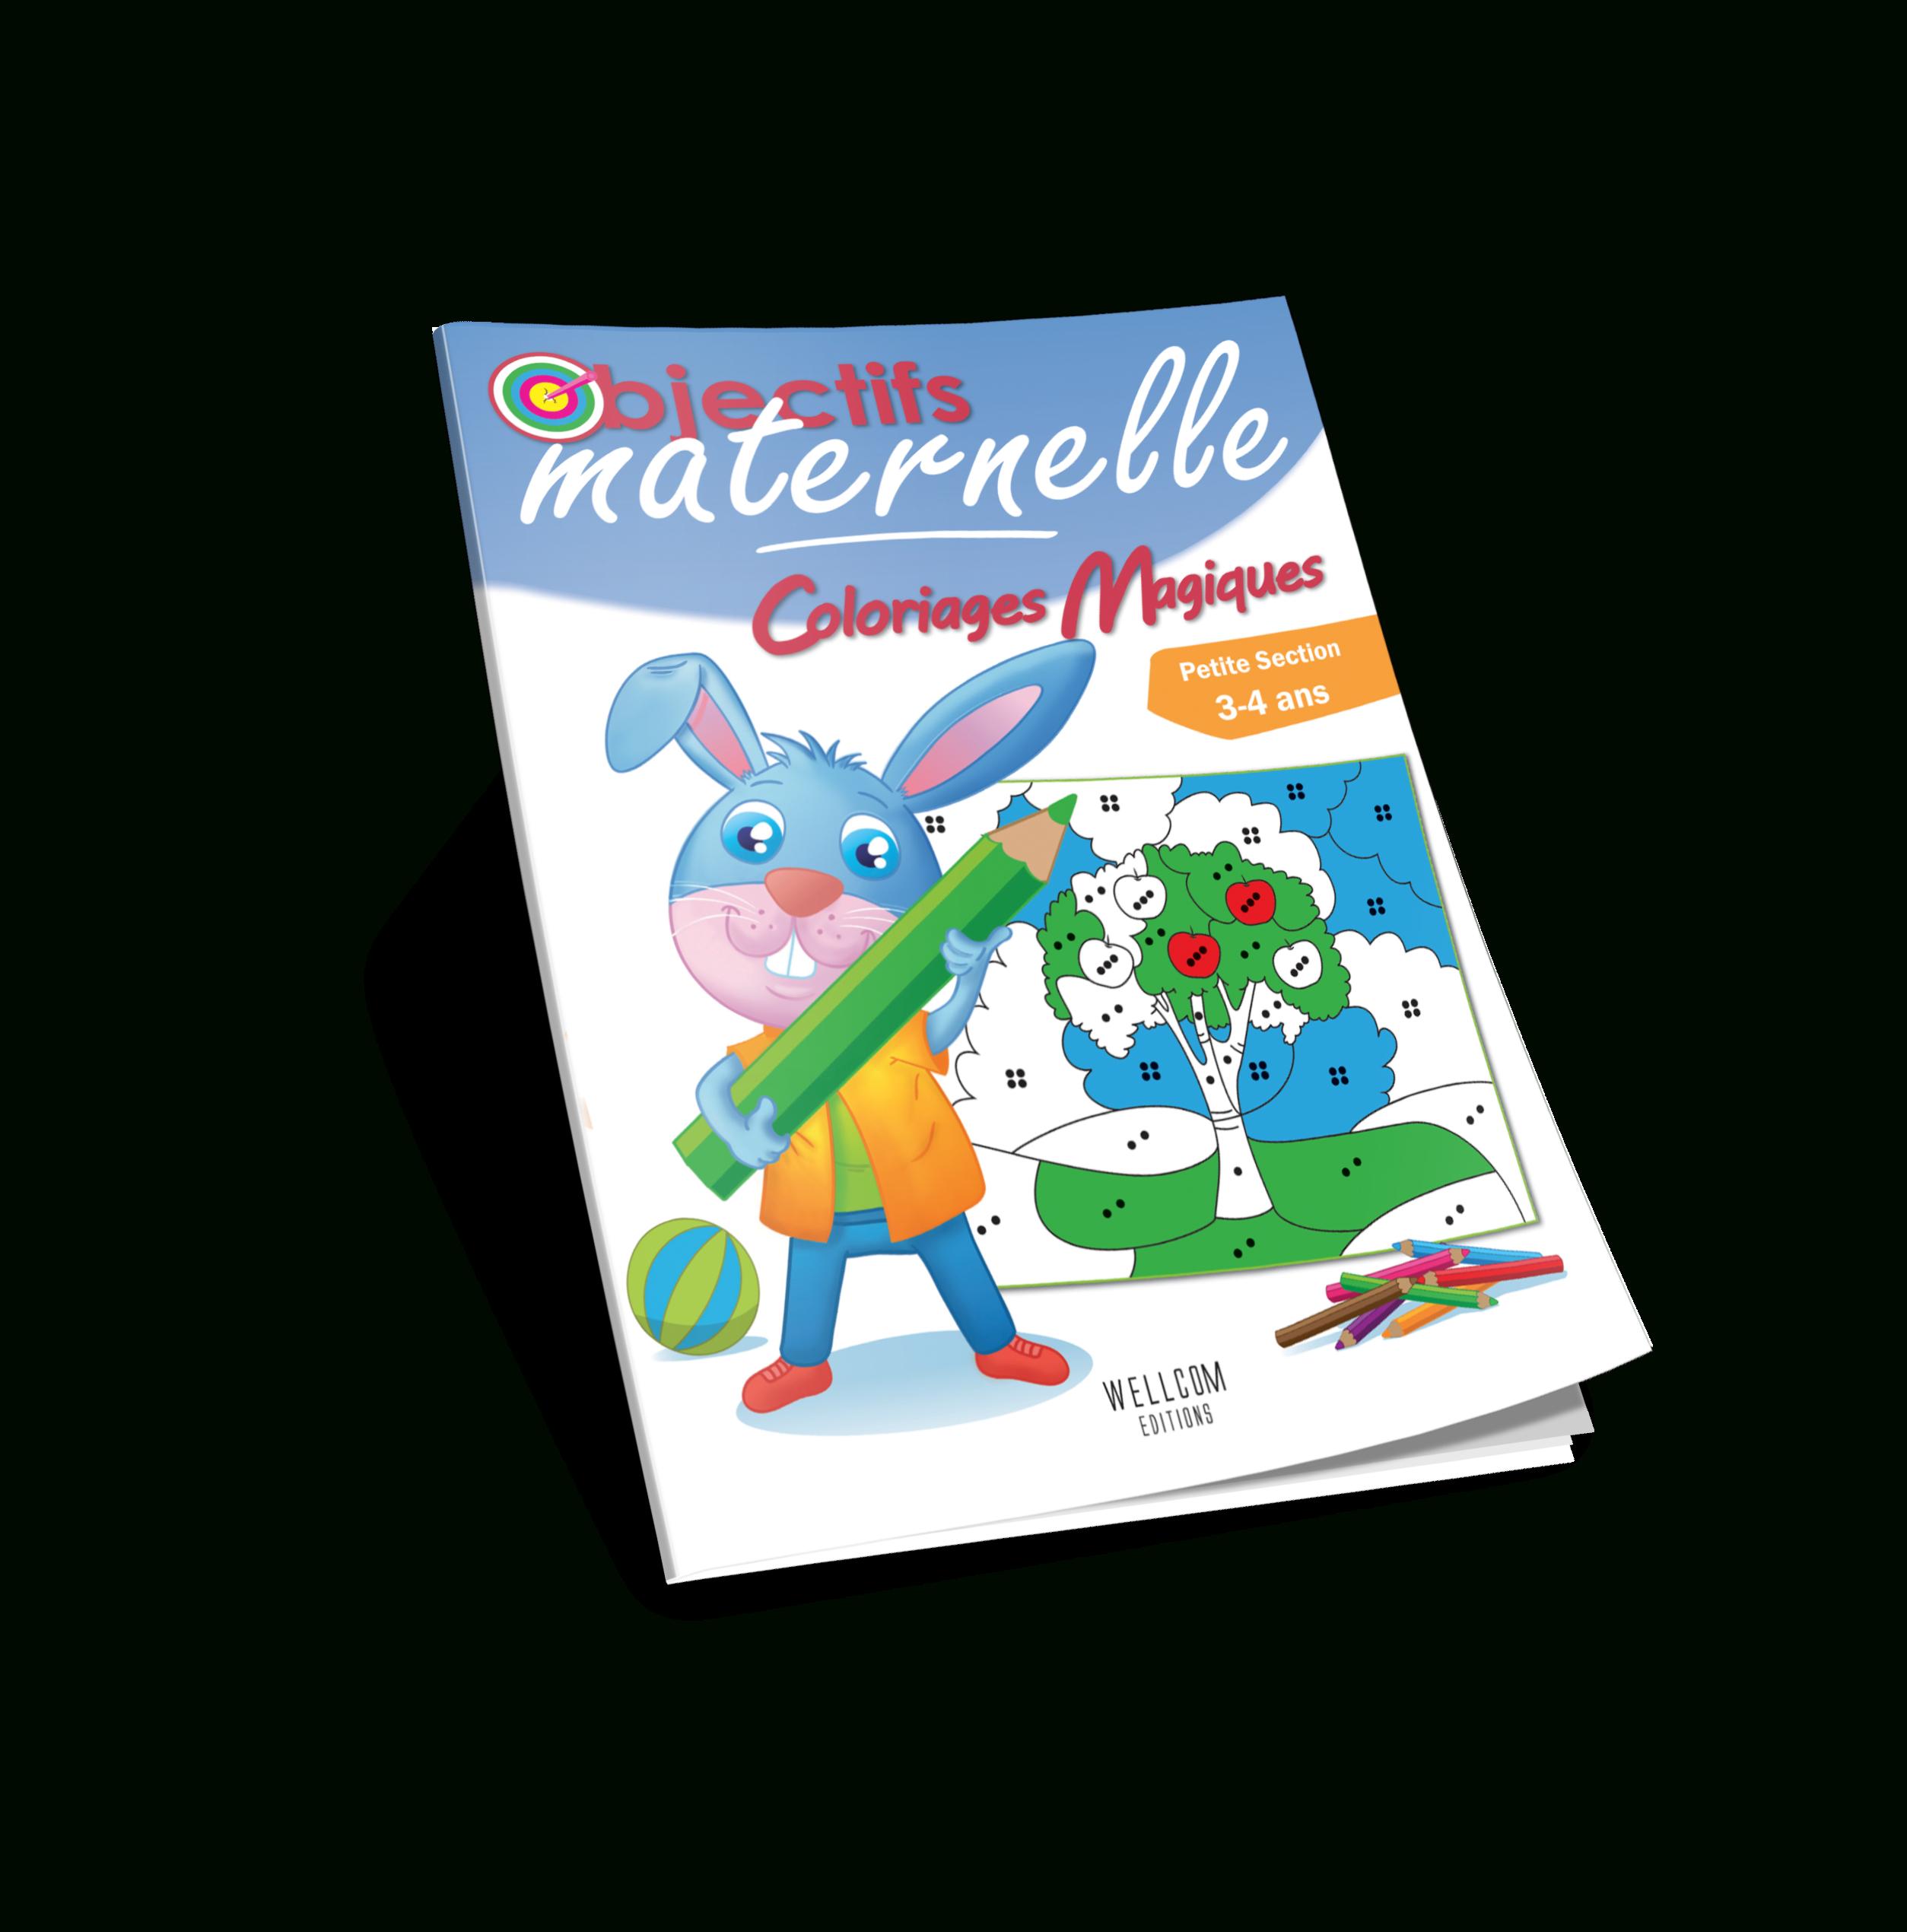 Wellcom Editions – Objectifs Maternelle – Coloriages Magiques destiné Coloriage Magique Petite Section